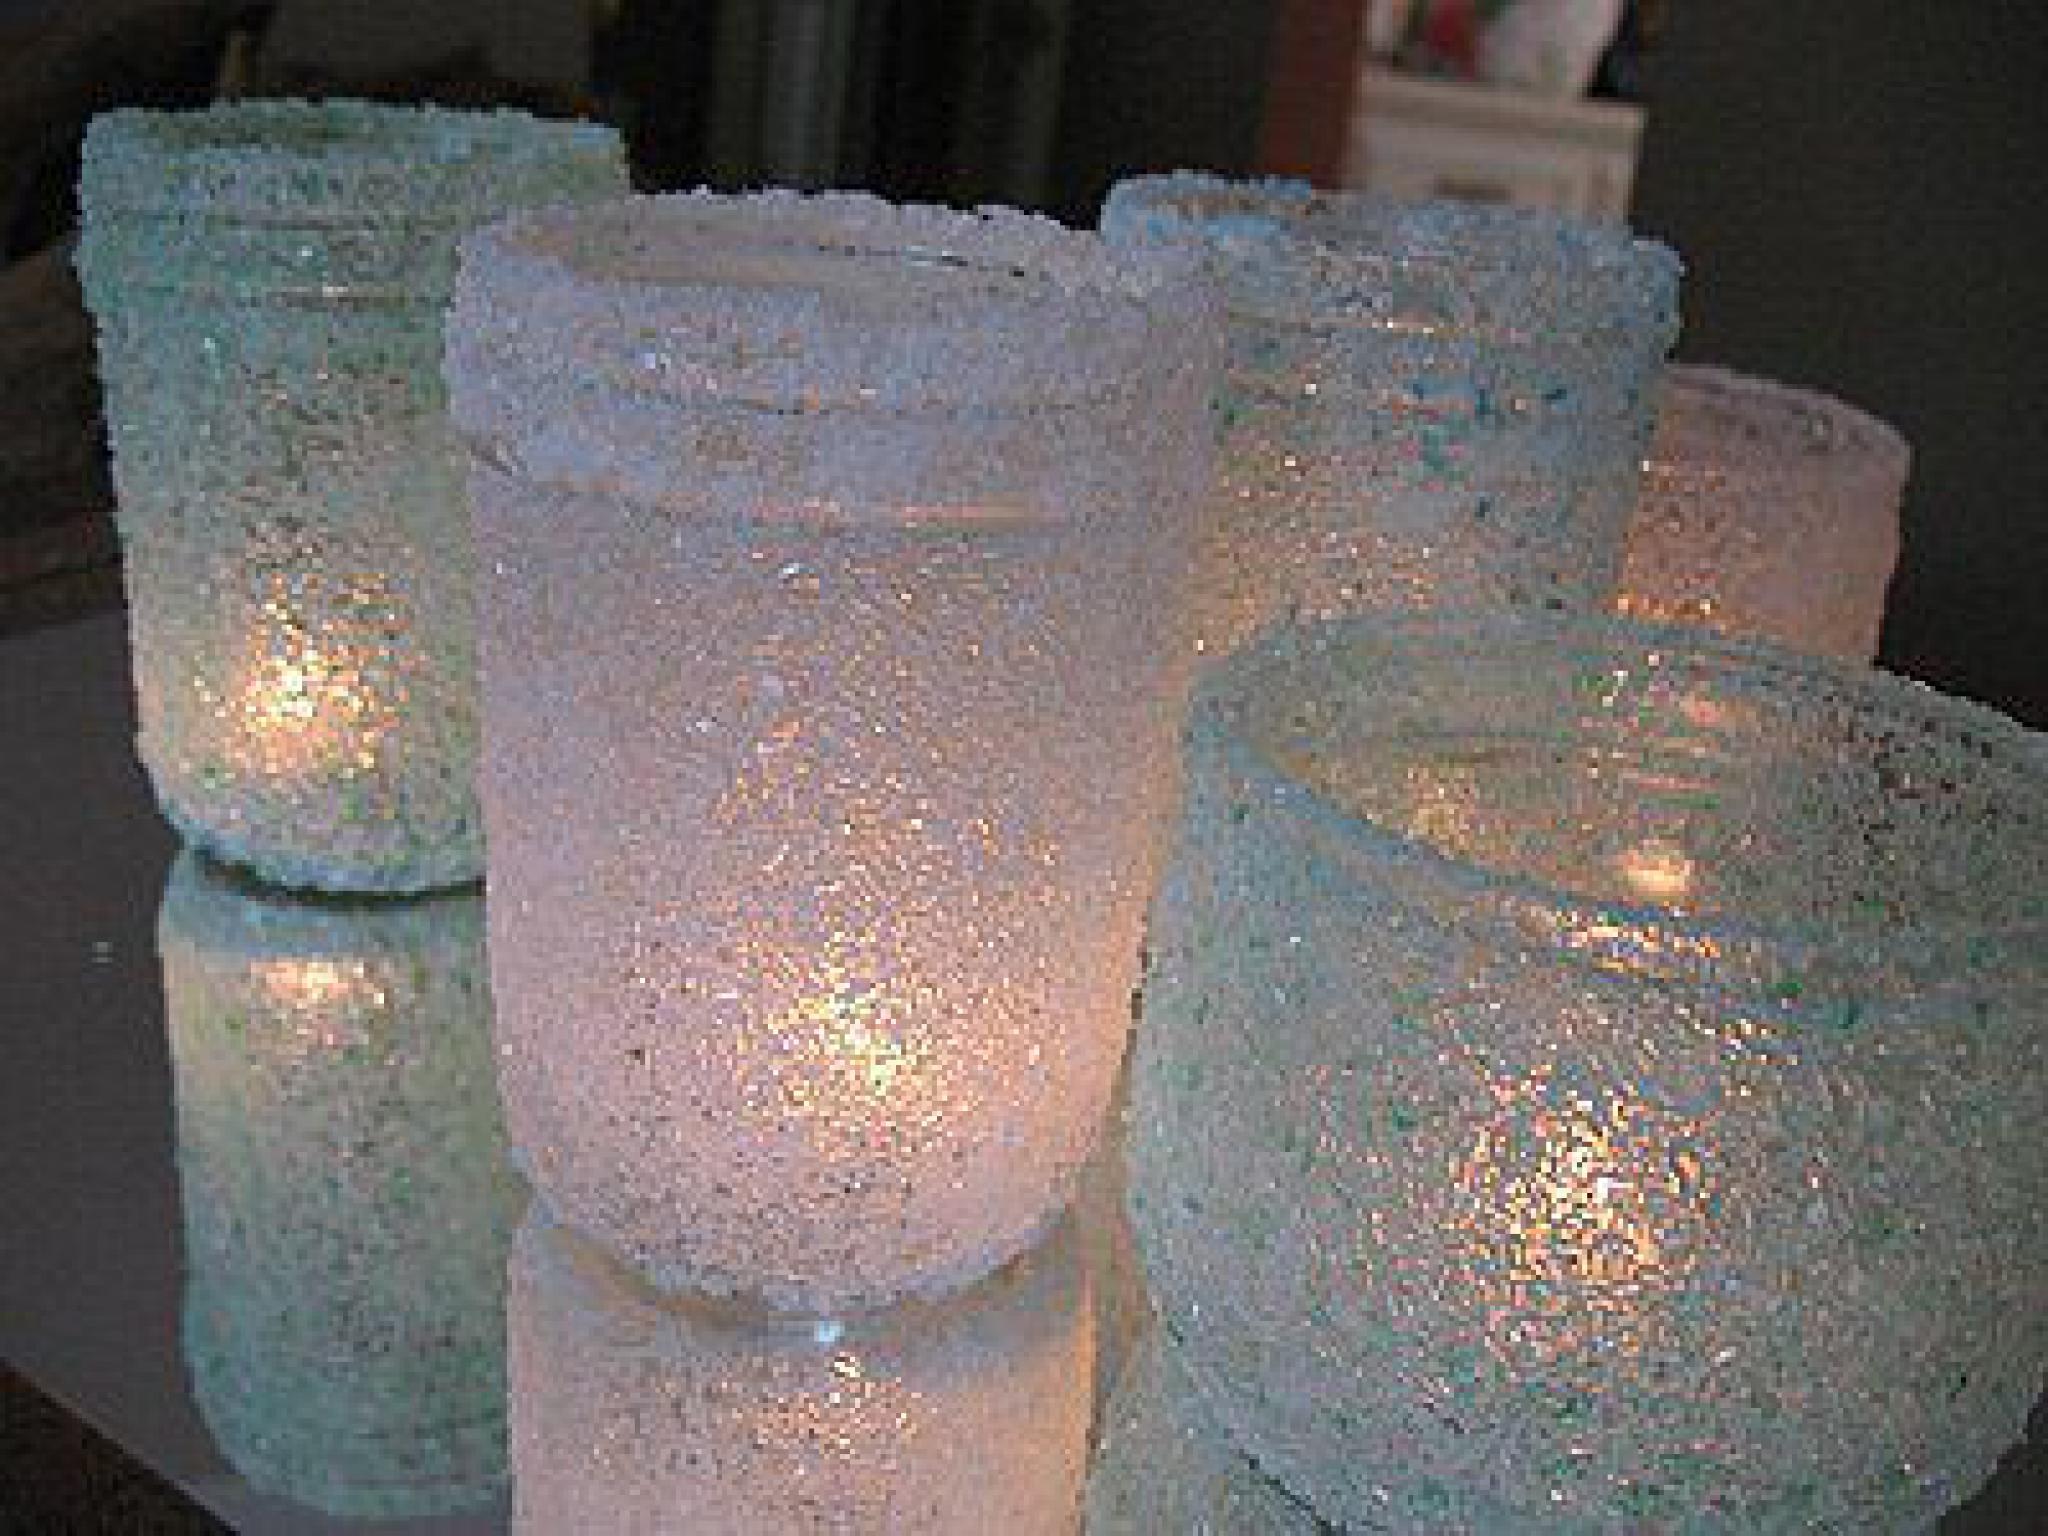 Как сделать искусственный снег в домашних условиях из соли